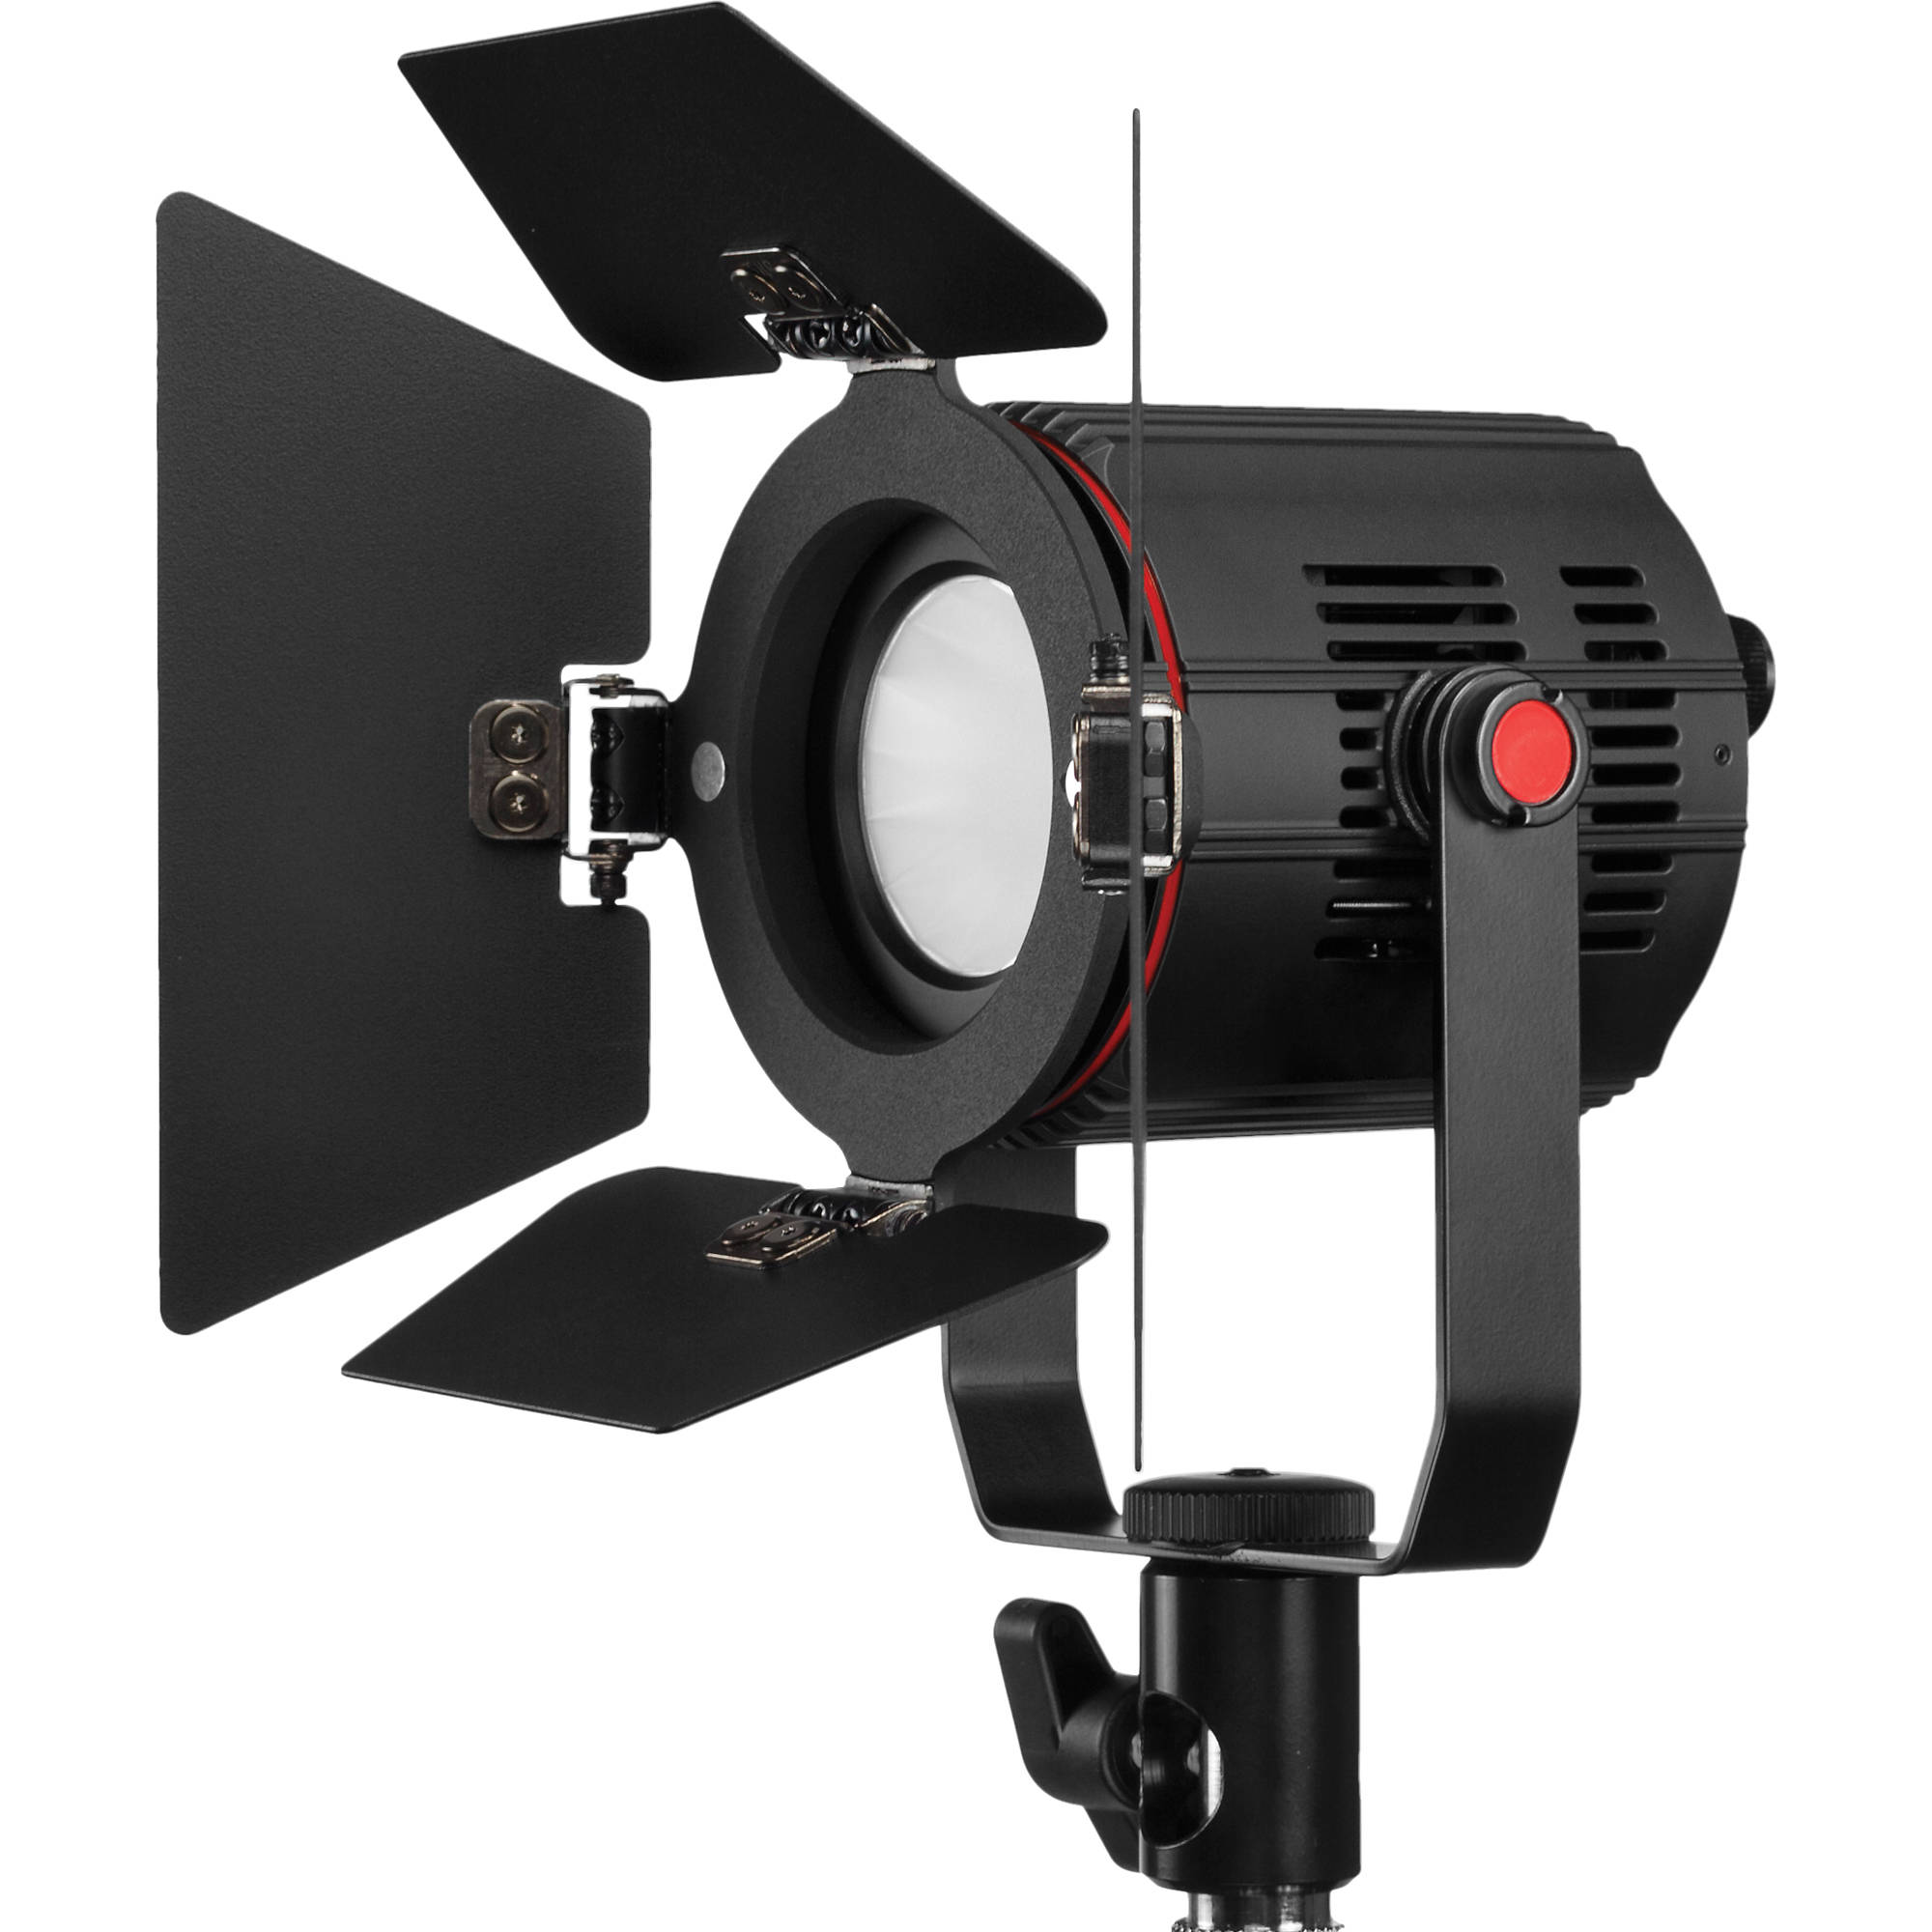 Fiilex P180E On-Camera LED Light FLXP180 B&H Photo Video